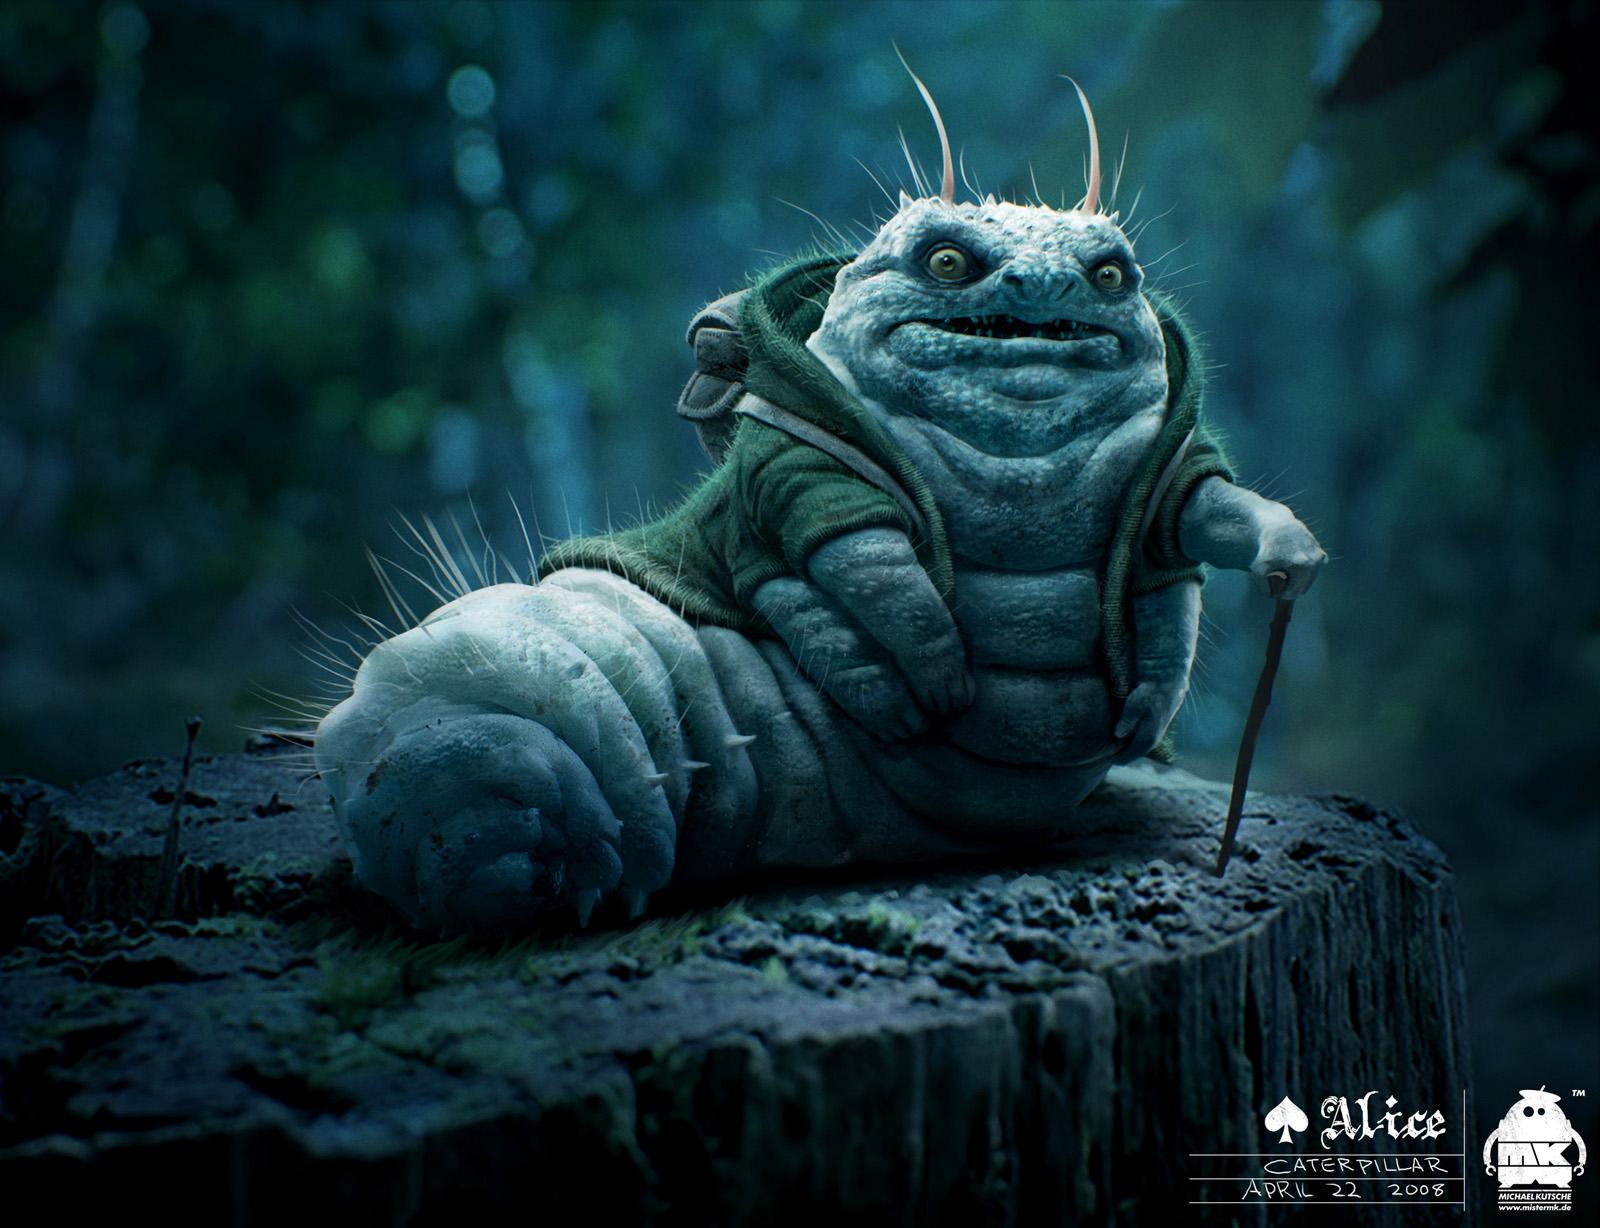 Caterpillar_first.jpg